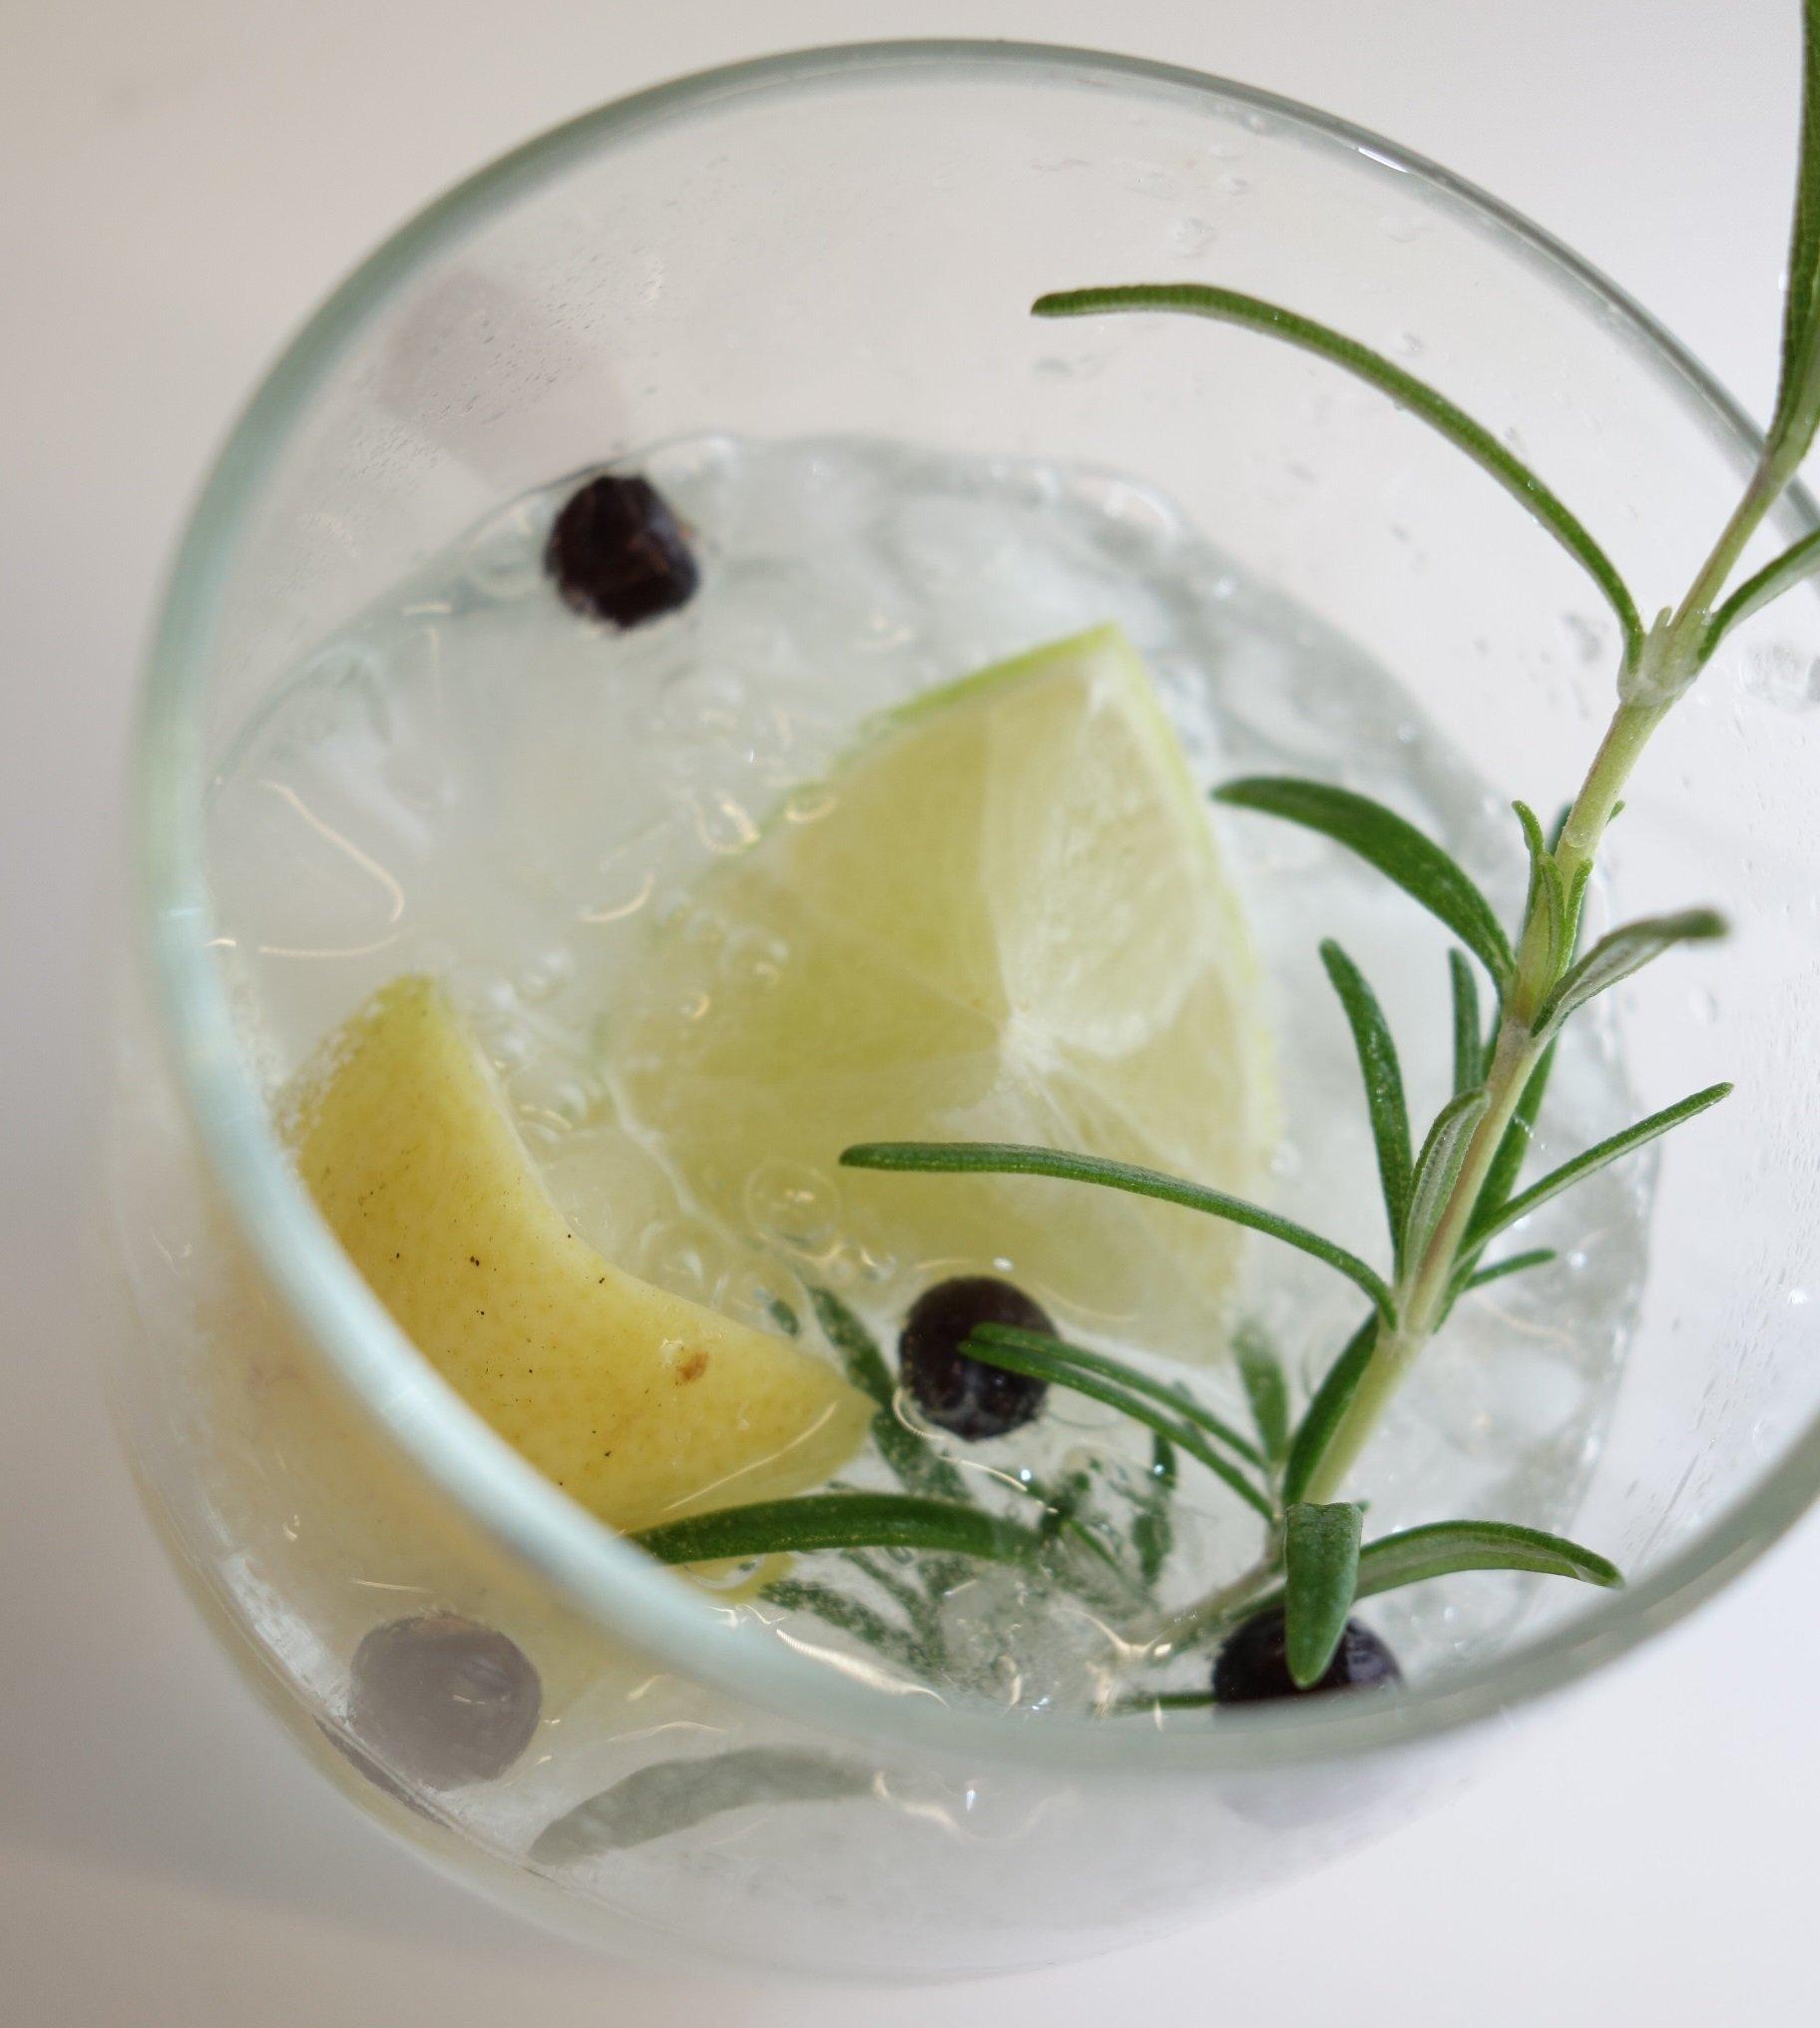 DSC00837 1 - Pimp your Gin! Eine Gin-Bar für die Feier